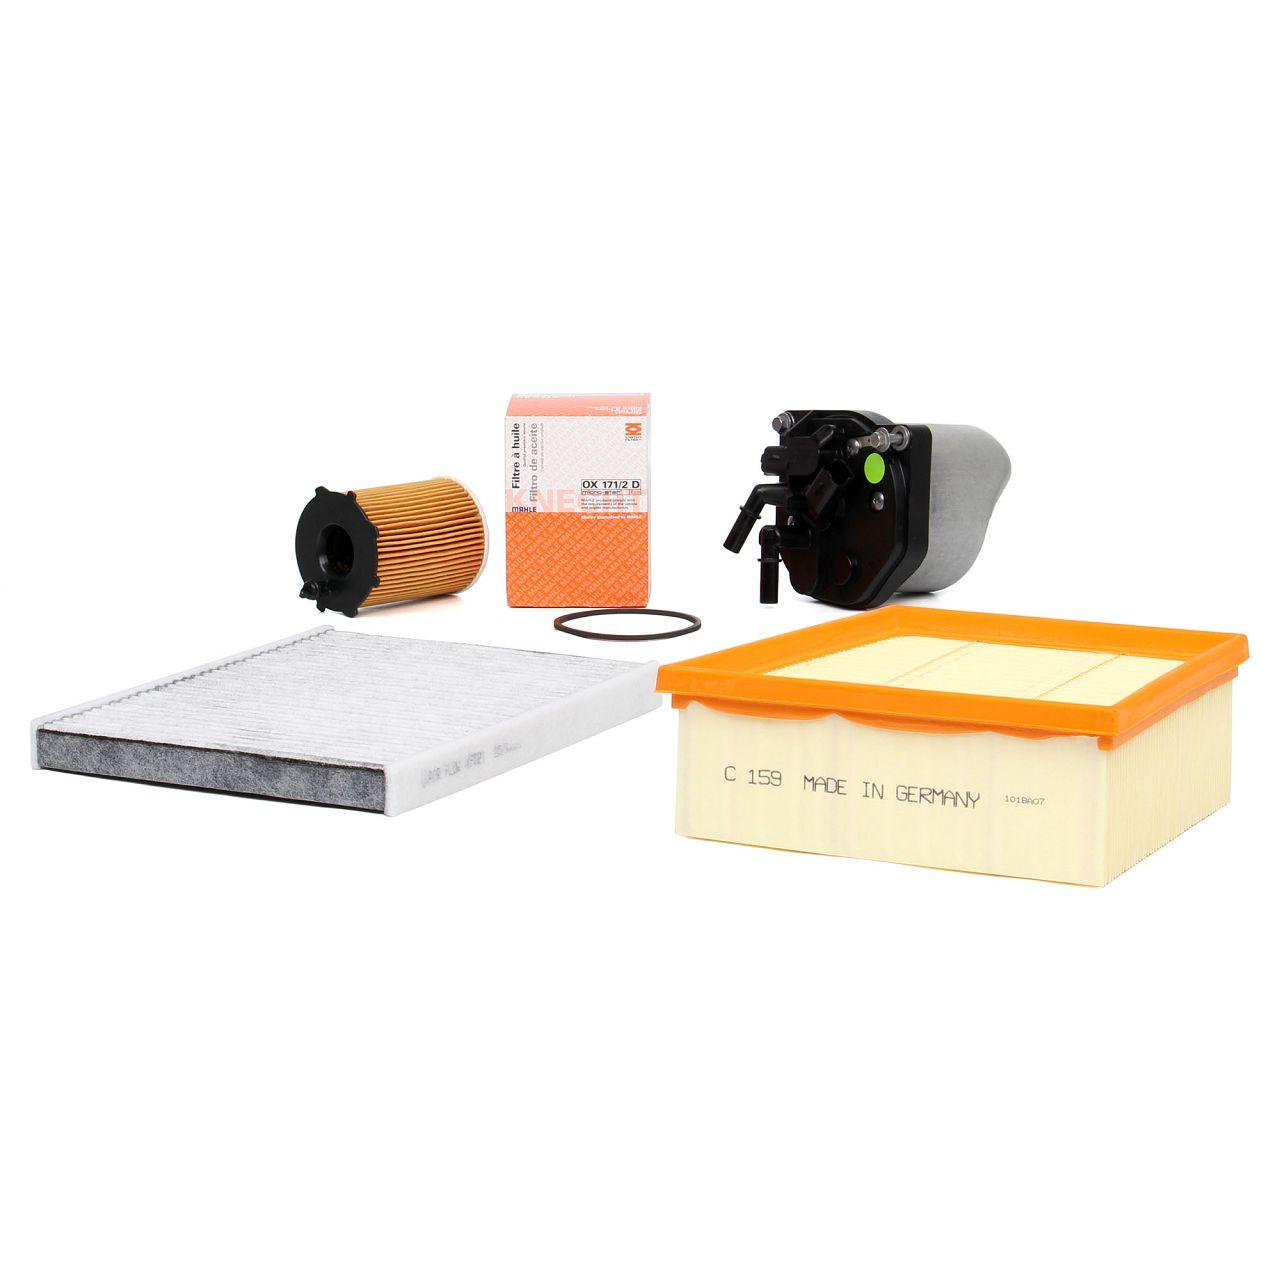 Inspektionskit für FORD B-MAX ECOSPORT FIESTA VI MK6 1.4 TDCi 1.5 TDCi 1.6 TDCi